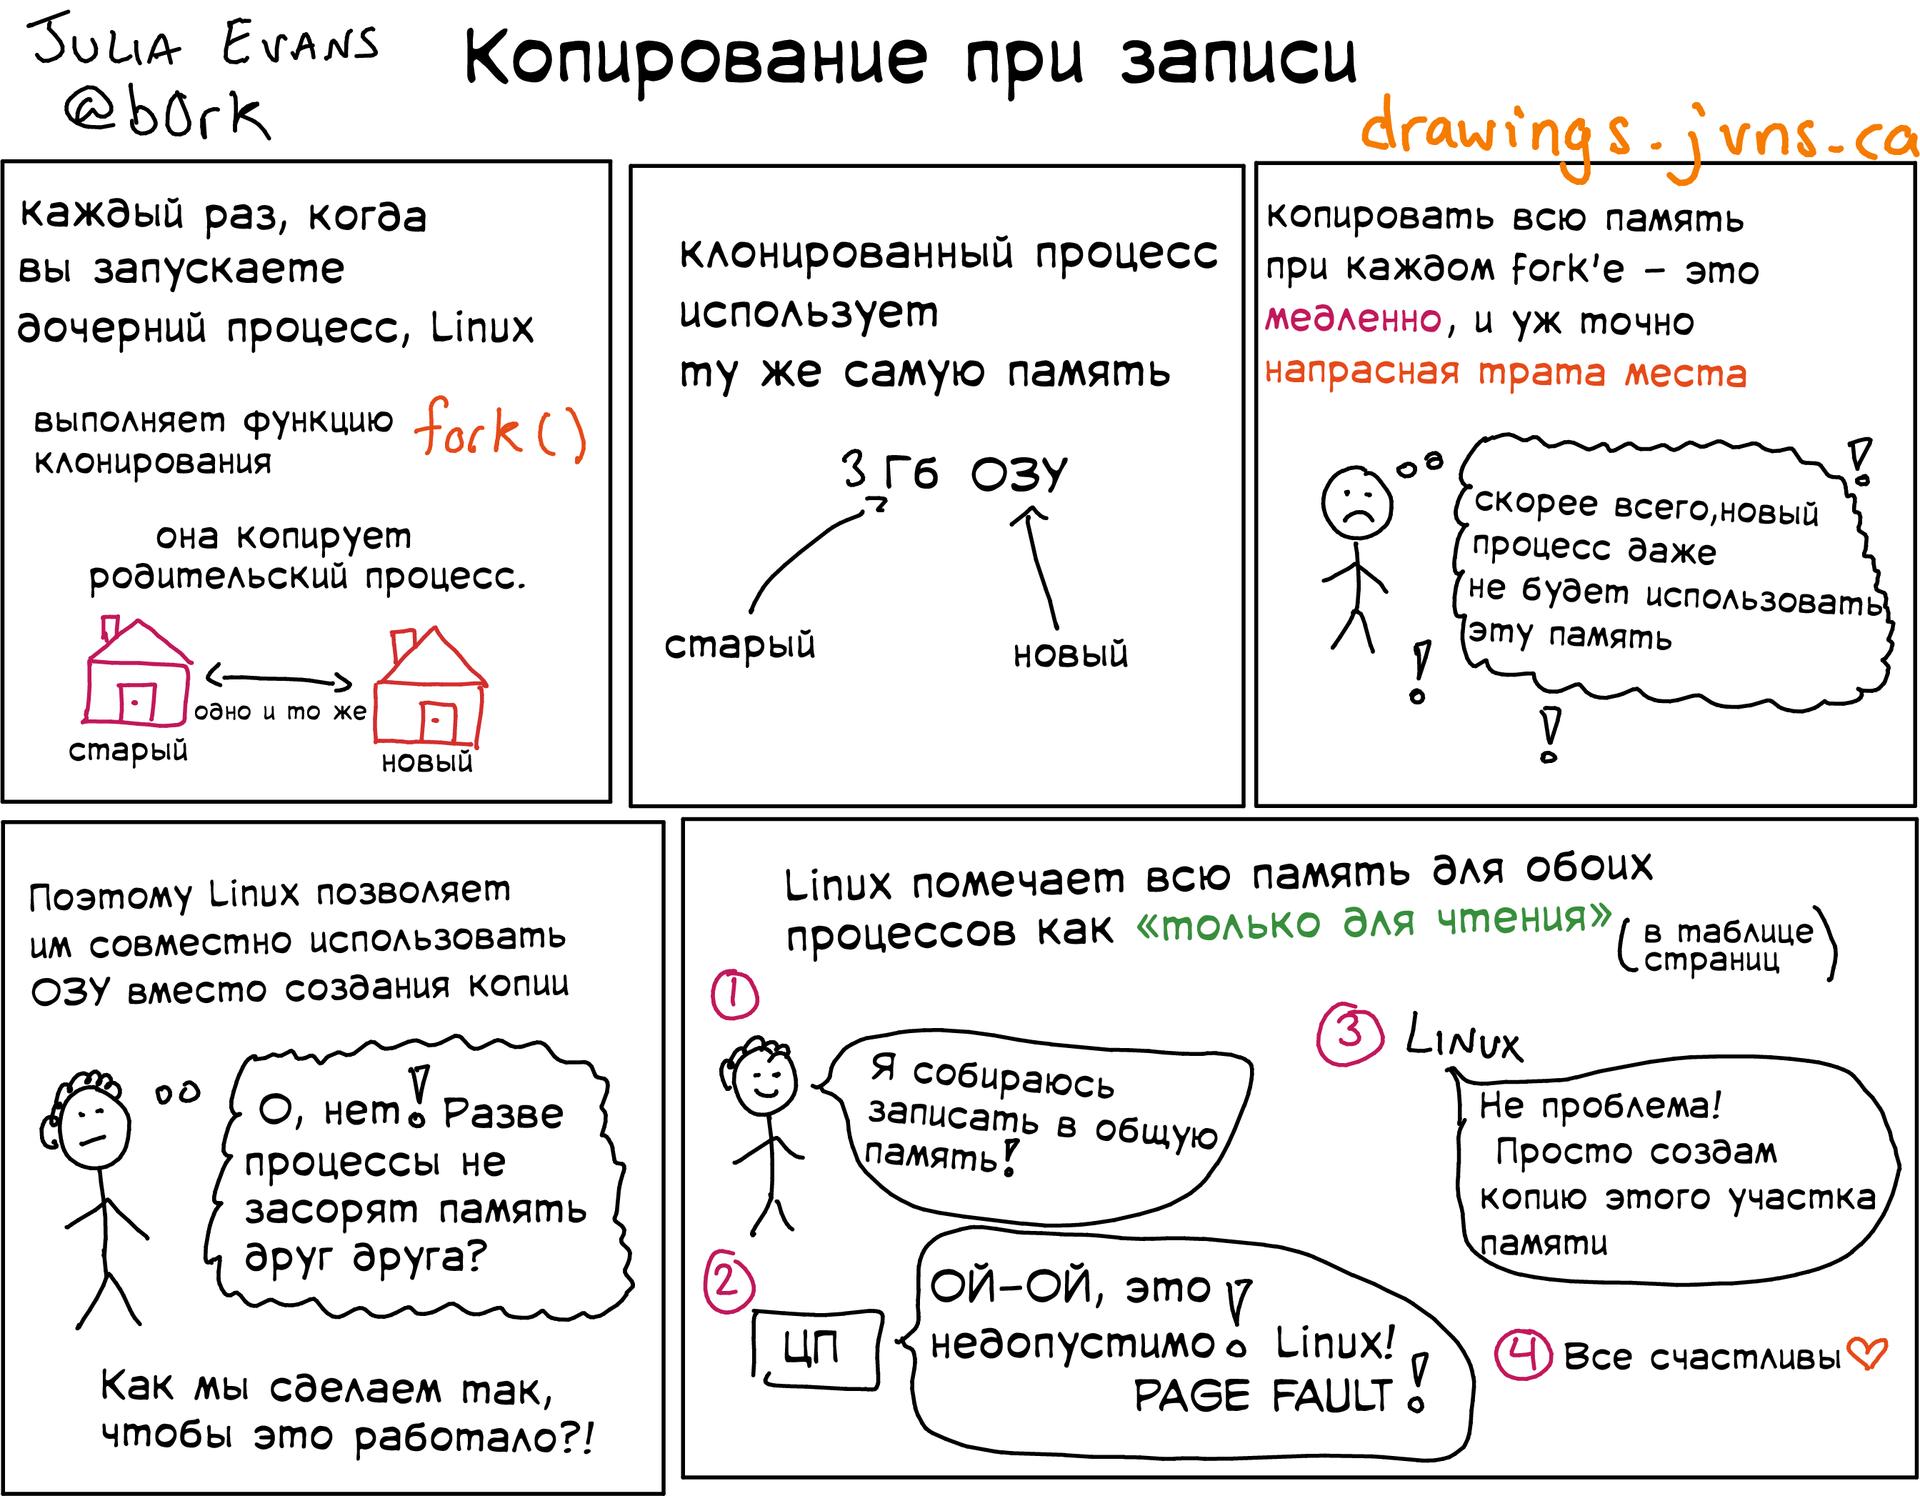 Подборка полезных слайдов от Джулии Эванс - 11